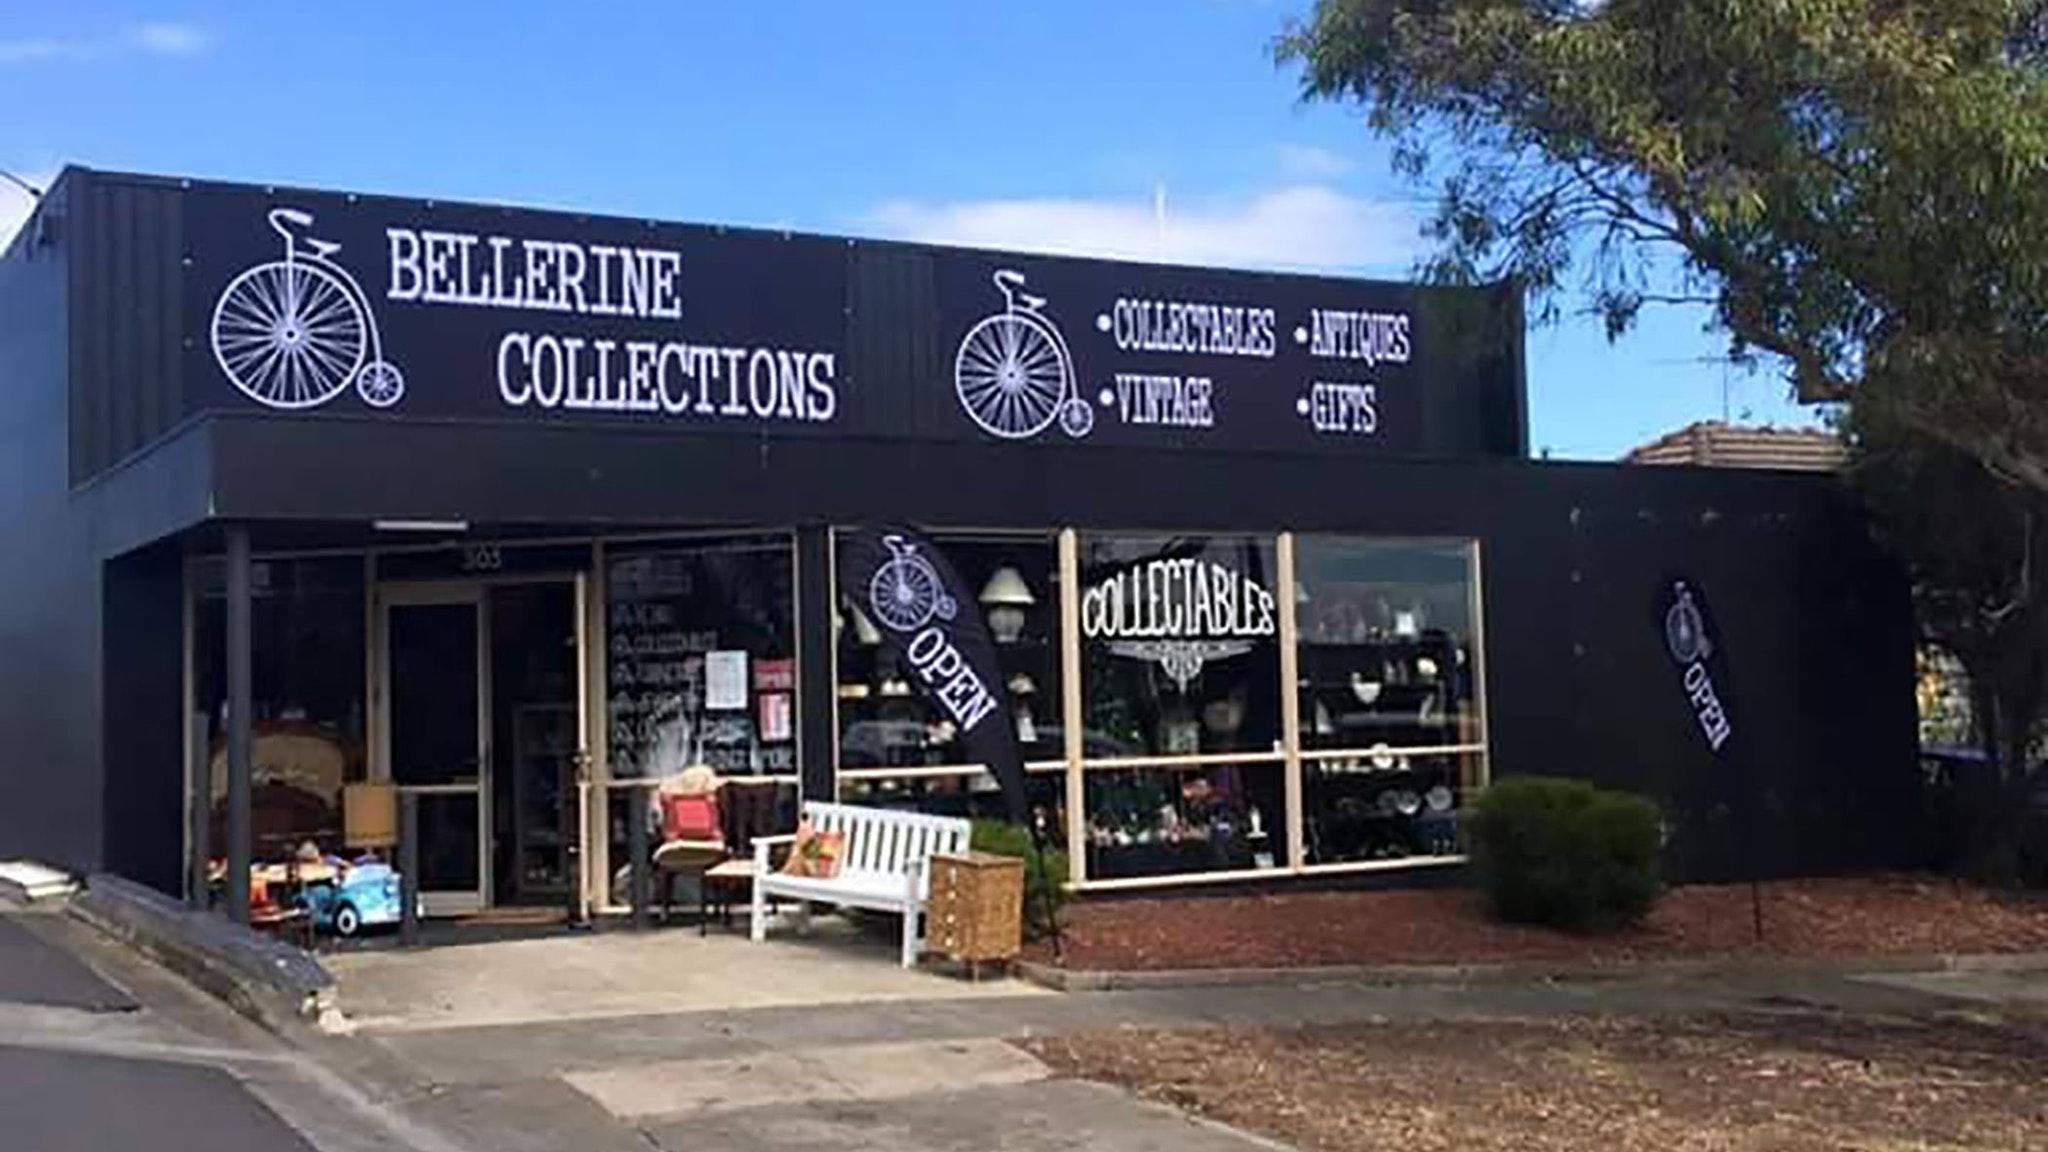 Bellerine Collections